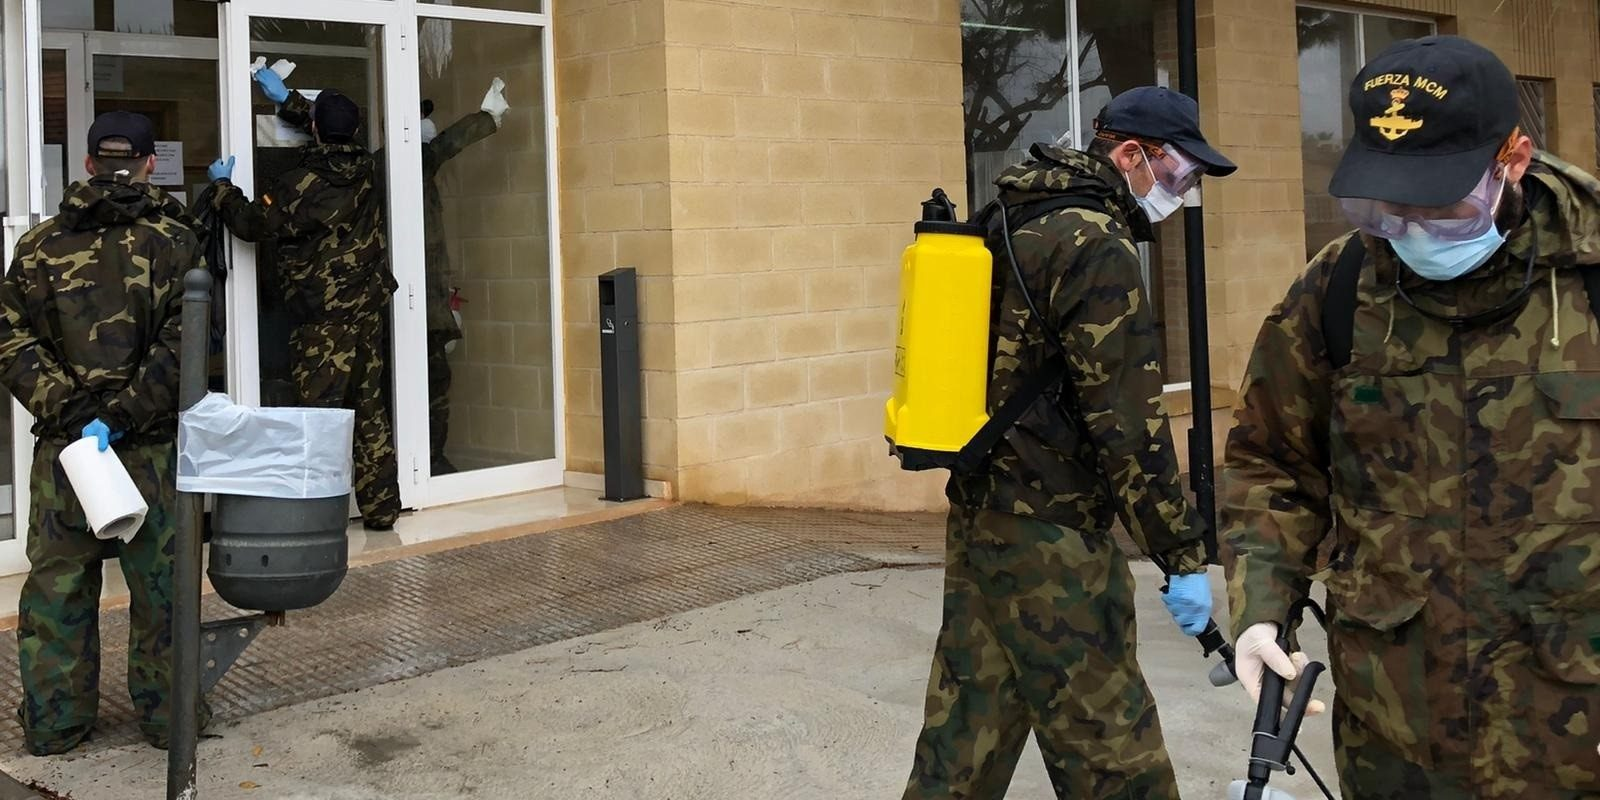 L'Exèrcit, durant el confinament | Europa Press